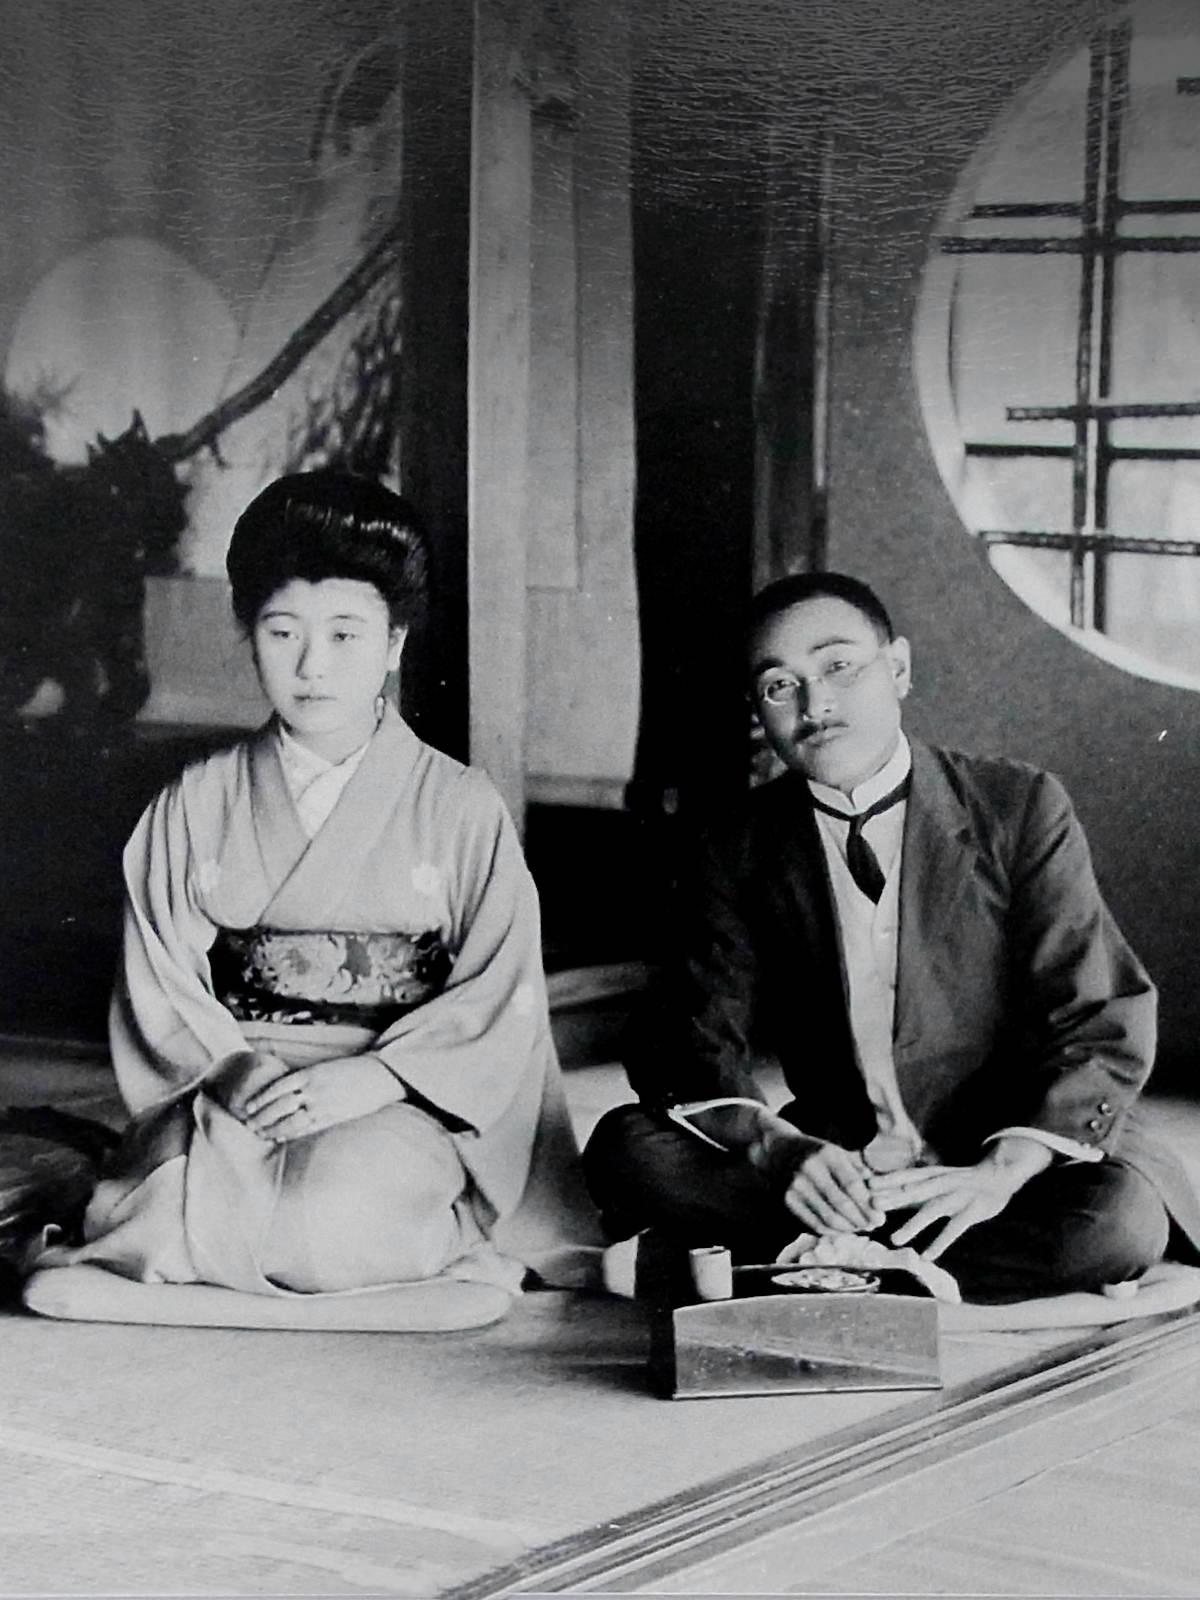 二代目夫婦(きぬ、民蔵)